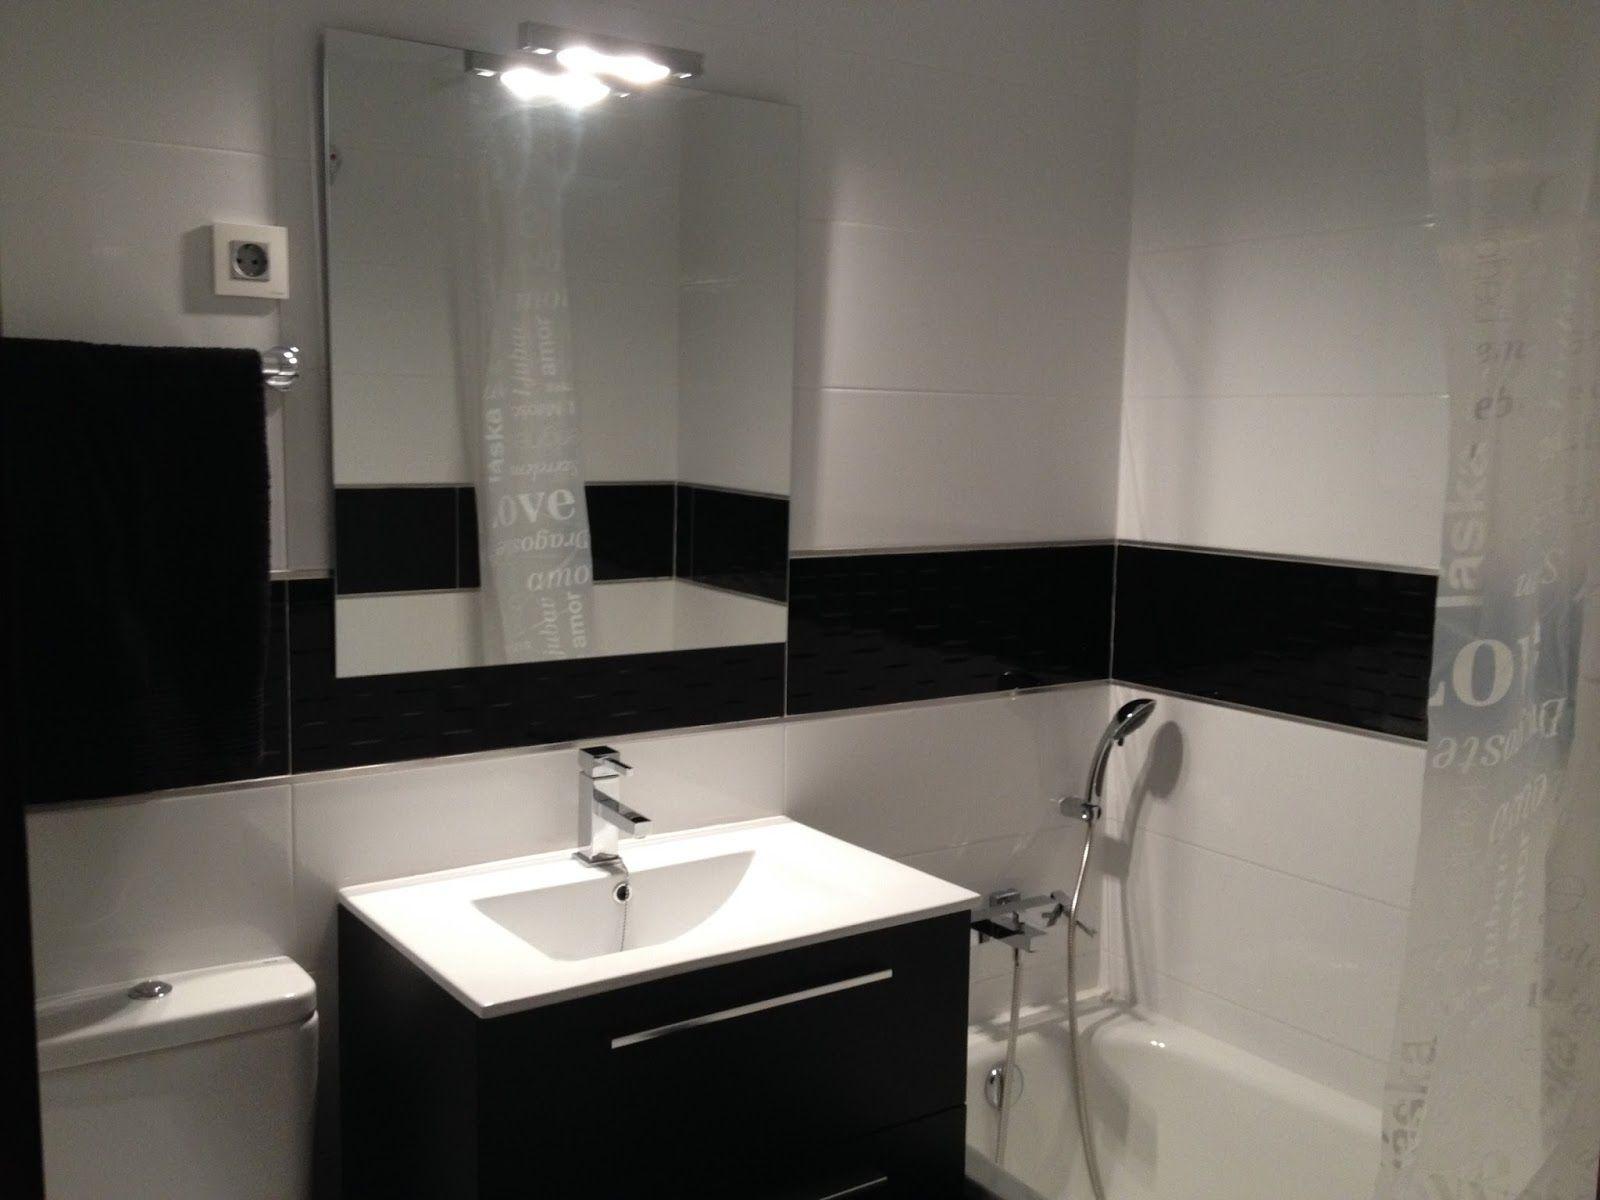 baño minimalista pequeño negro - Buscar con Google ...